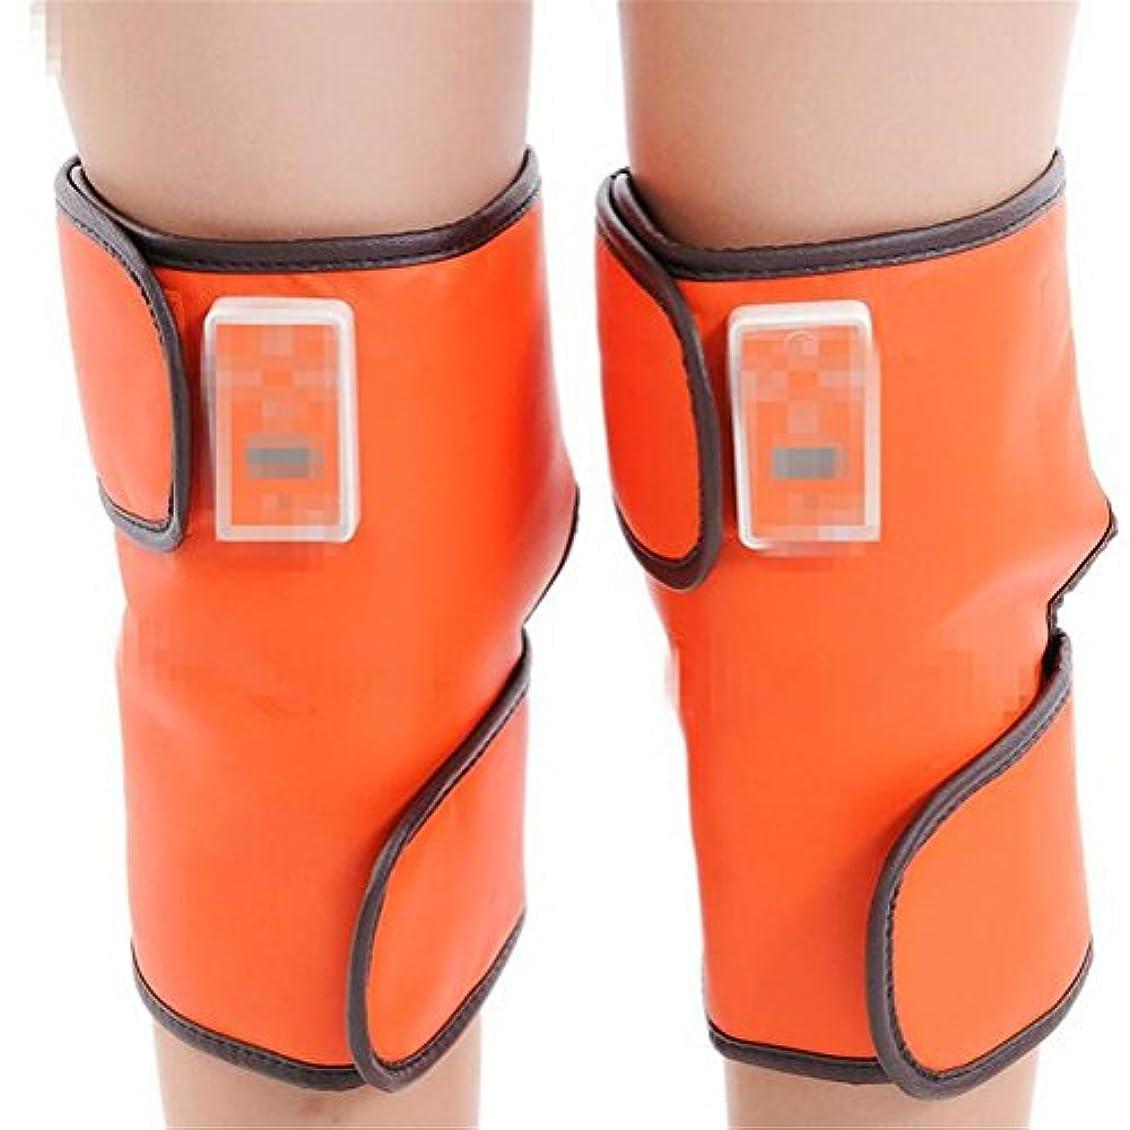 導体大混乱性格エレジーンス-Z電気膝パッド遠赤外線老膝膝パッド健康療法救済装置クリスマスハイエンドギフト